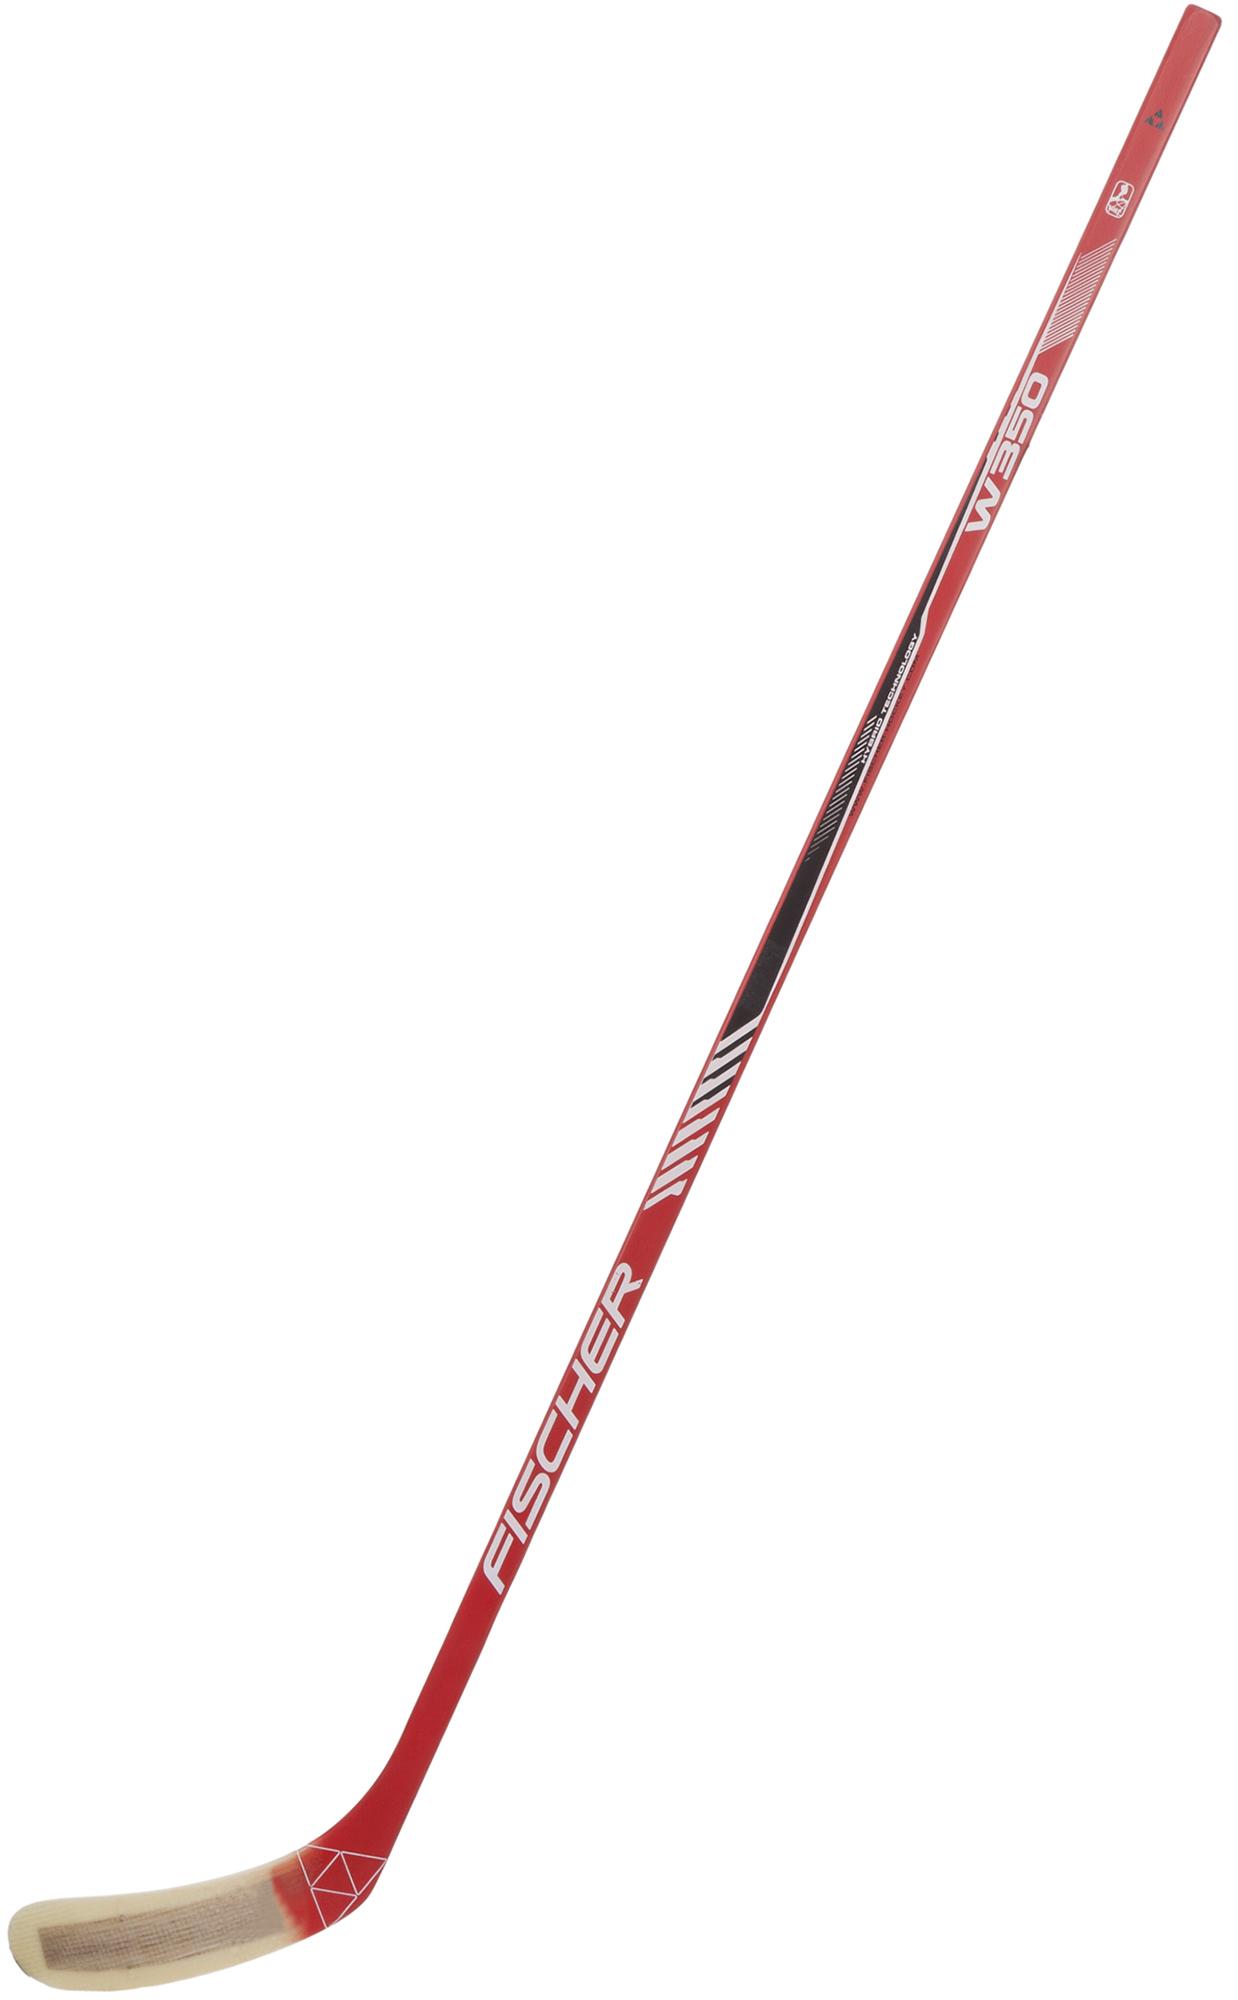 Fischer Клюшка хоккейная взрослая Fischer W350  дюбель фасадный с прямым крюком 10х100 sxr wh k fischer 2 шт